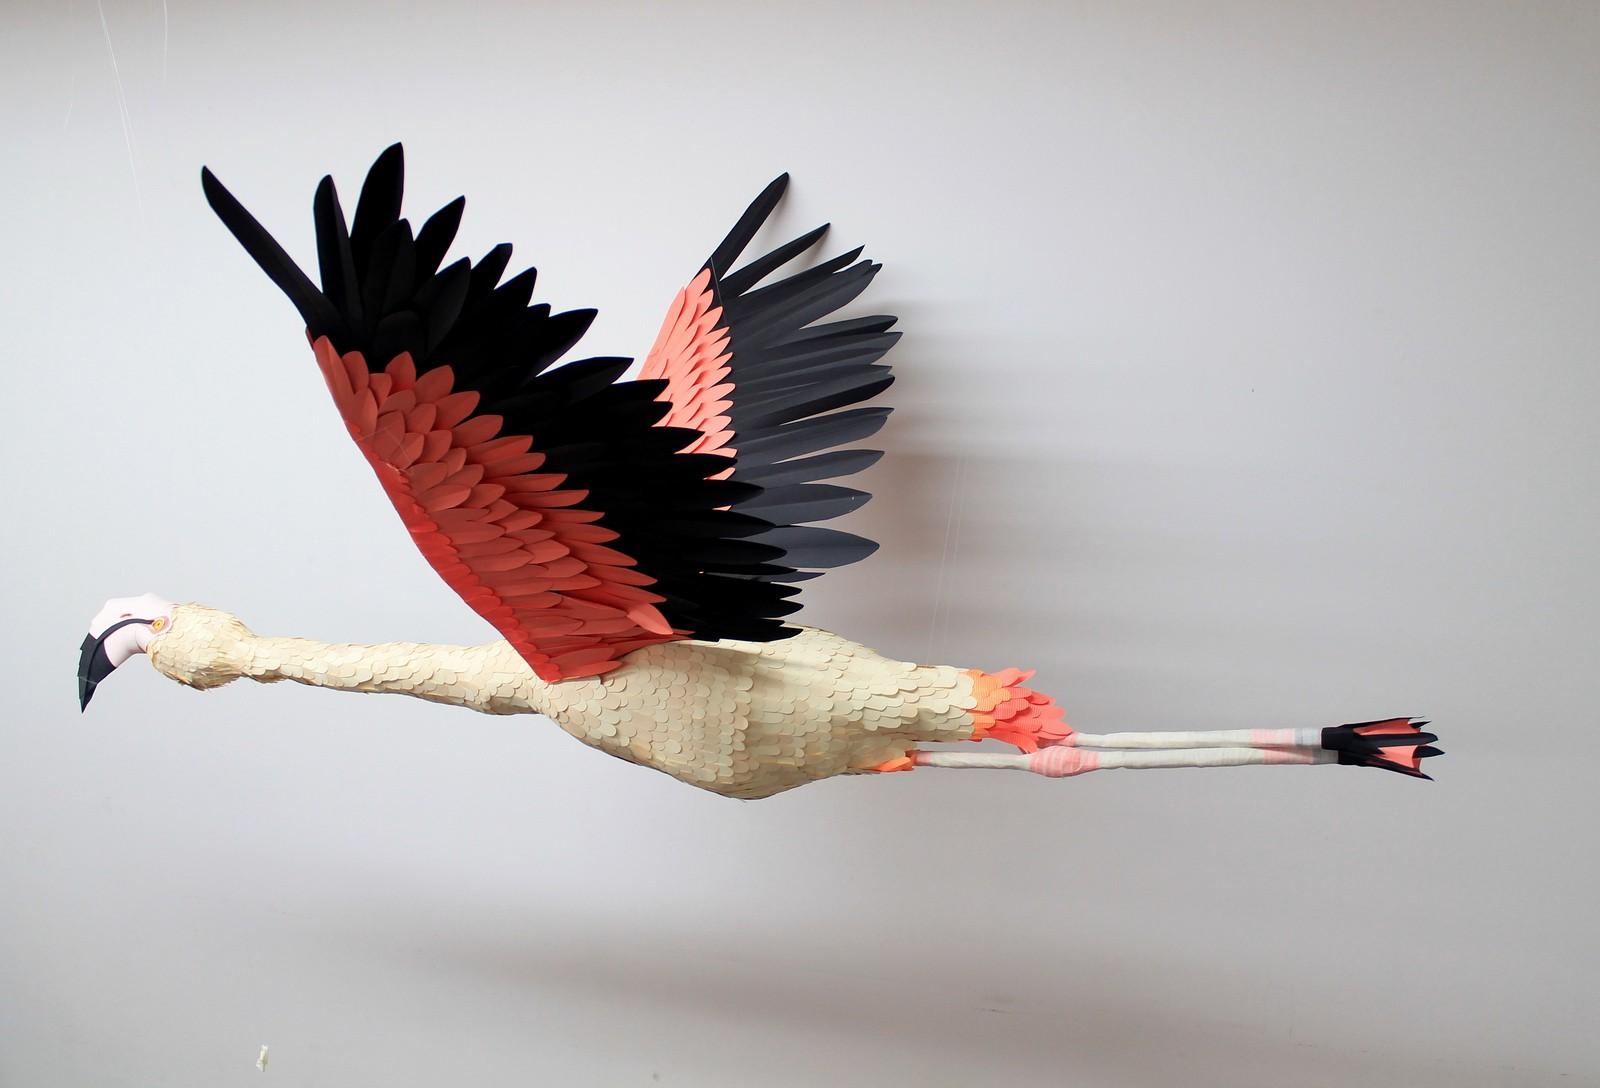 paper-birds-and-wildlife-by-diana-beltran-herrera-gessato-gblog-4